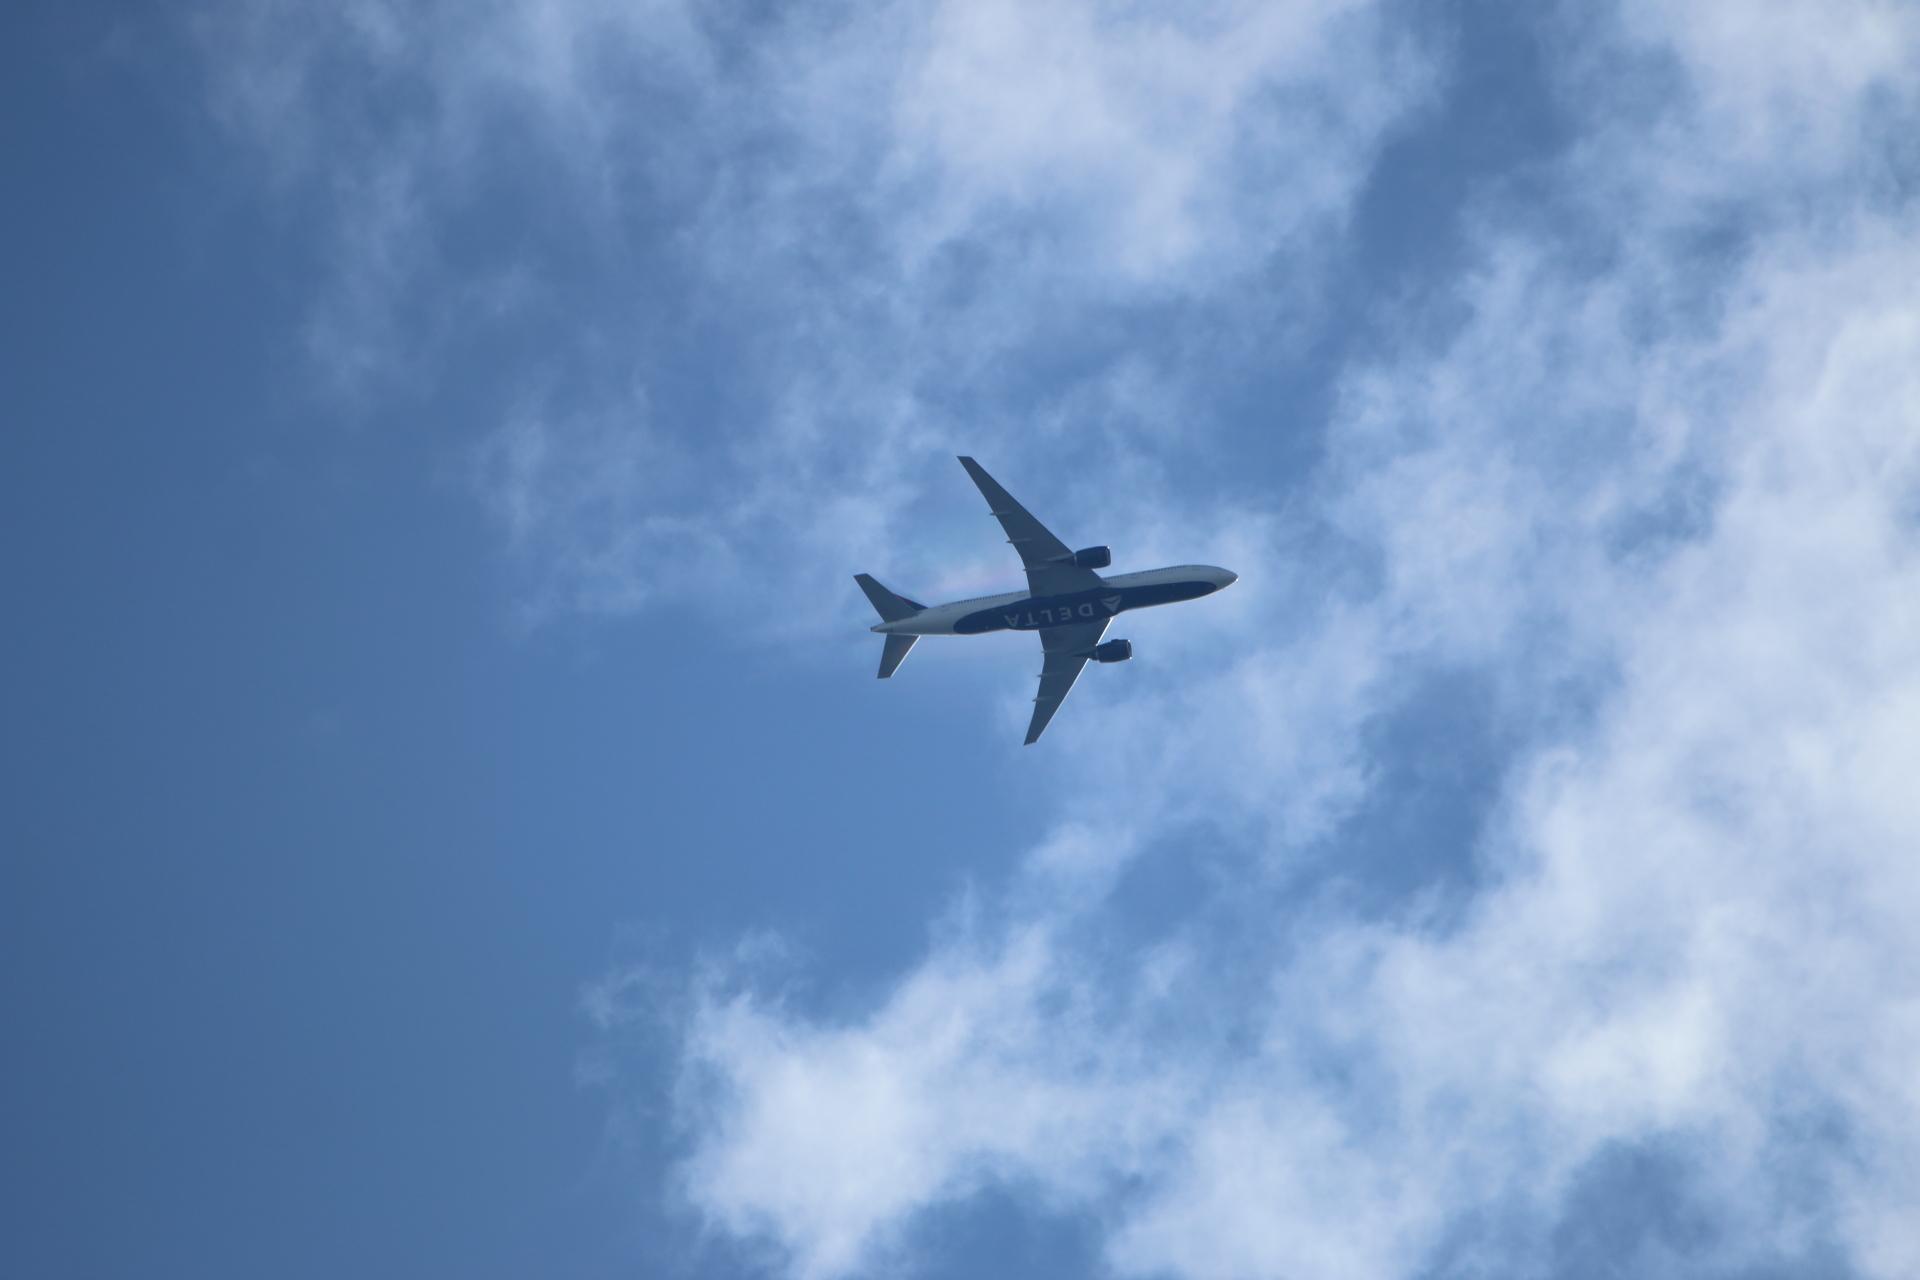 20190506雲と飛行機00000414